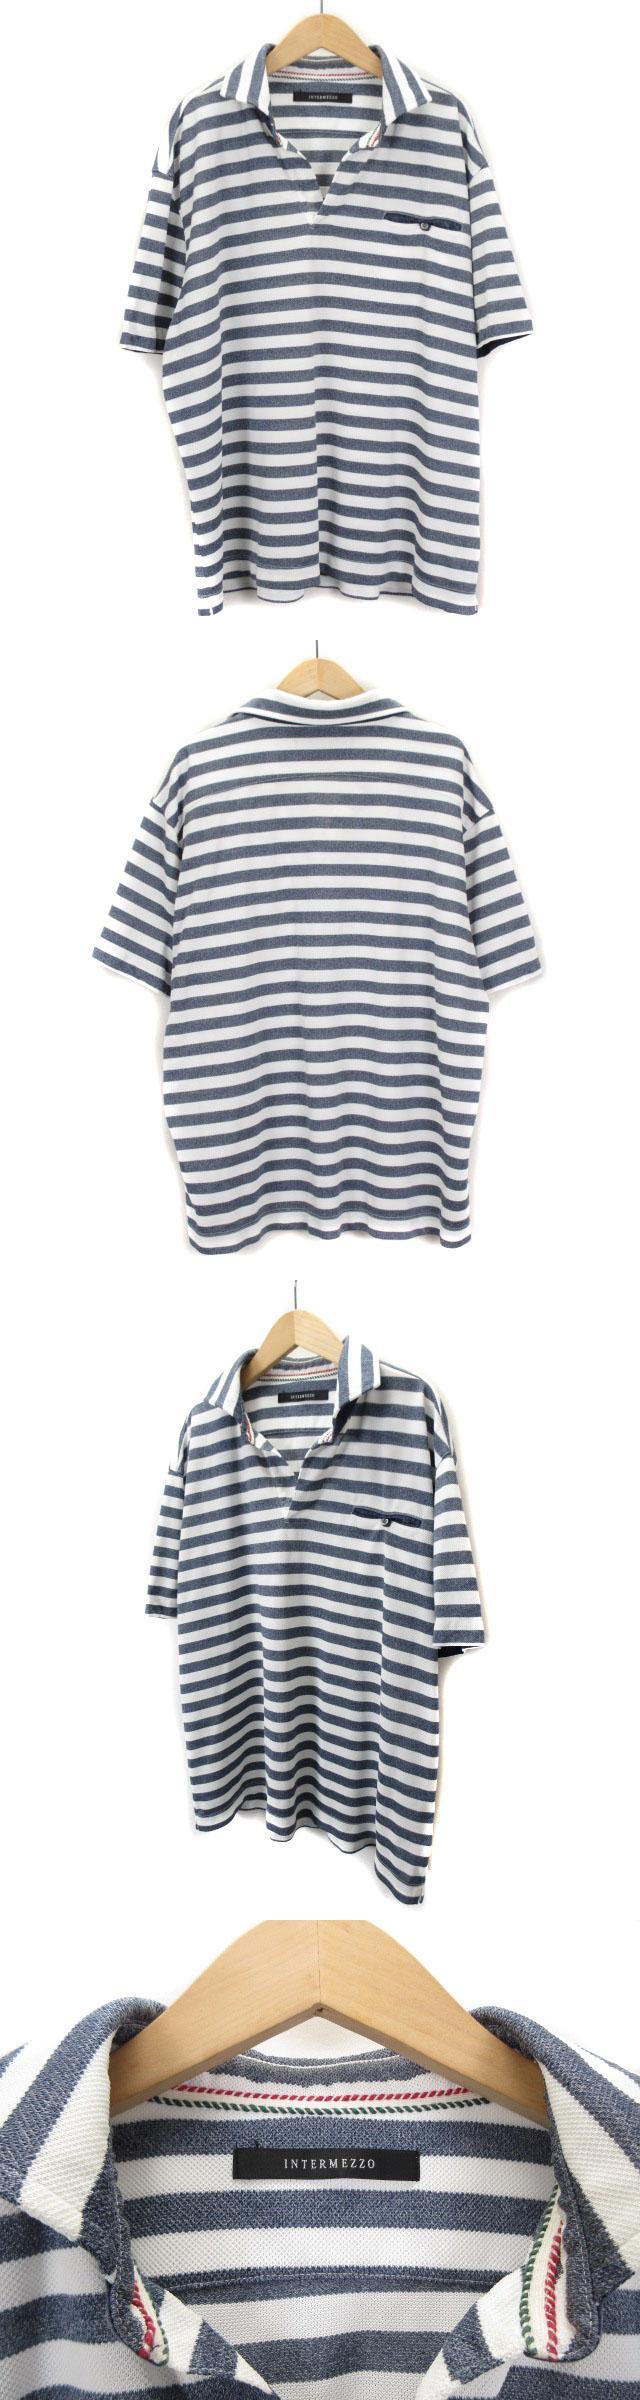 ポロシャツ オープンカラー ボーダー 半袖 リネン混 3L 白 ホワイト グレー